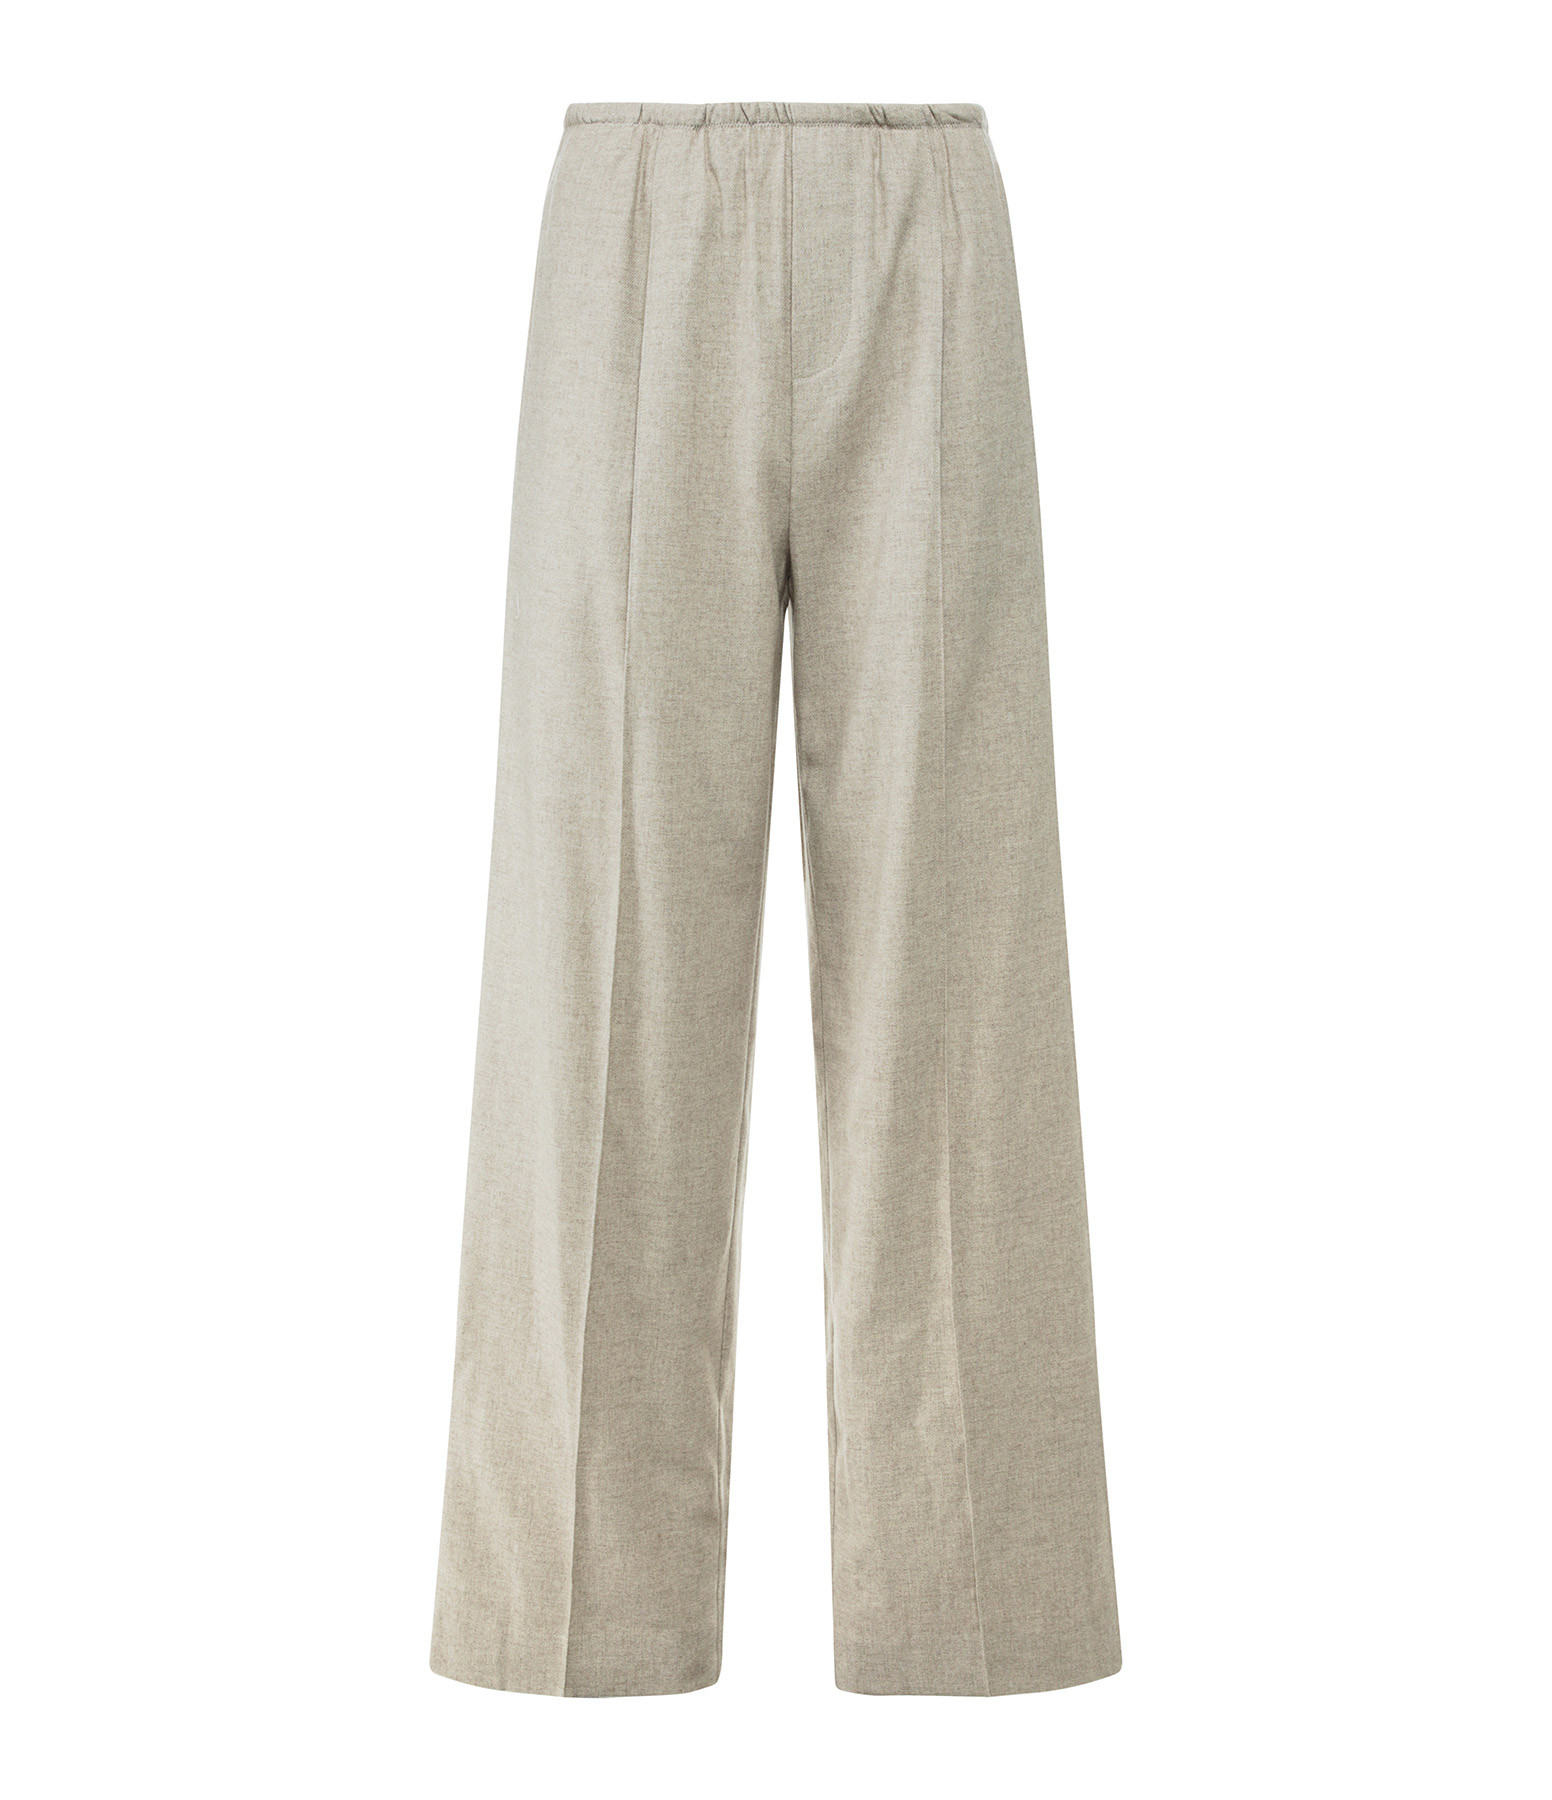 VINCE - Pantalon Large Flanelle Beige